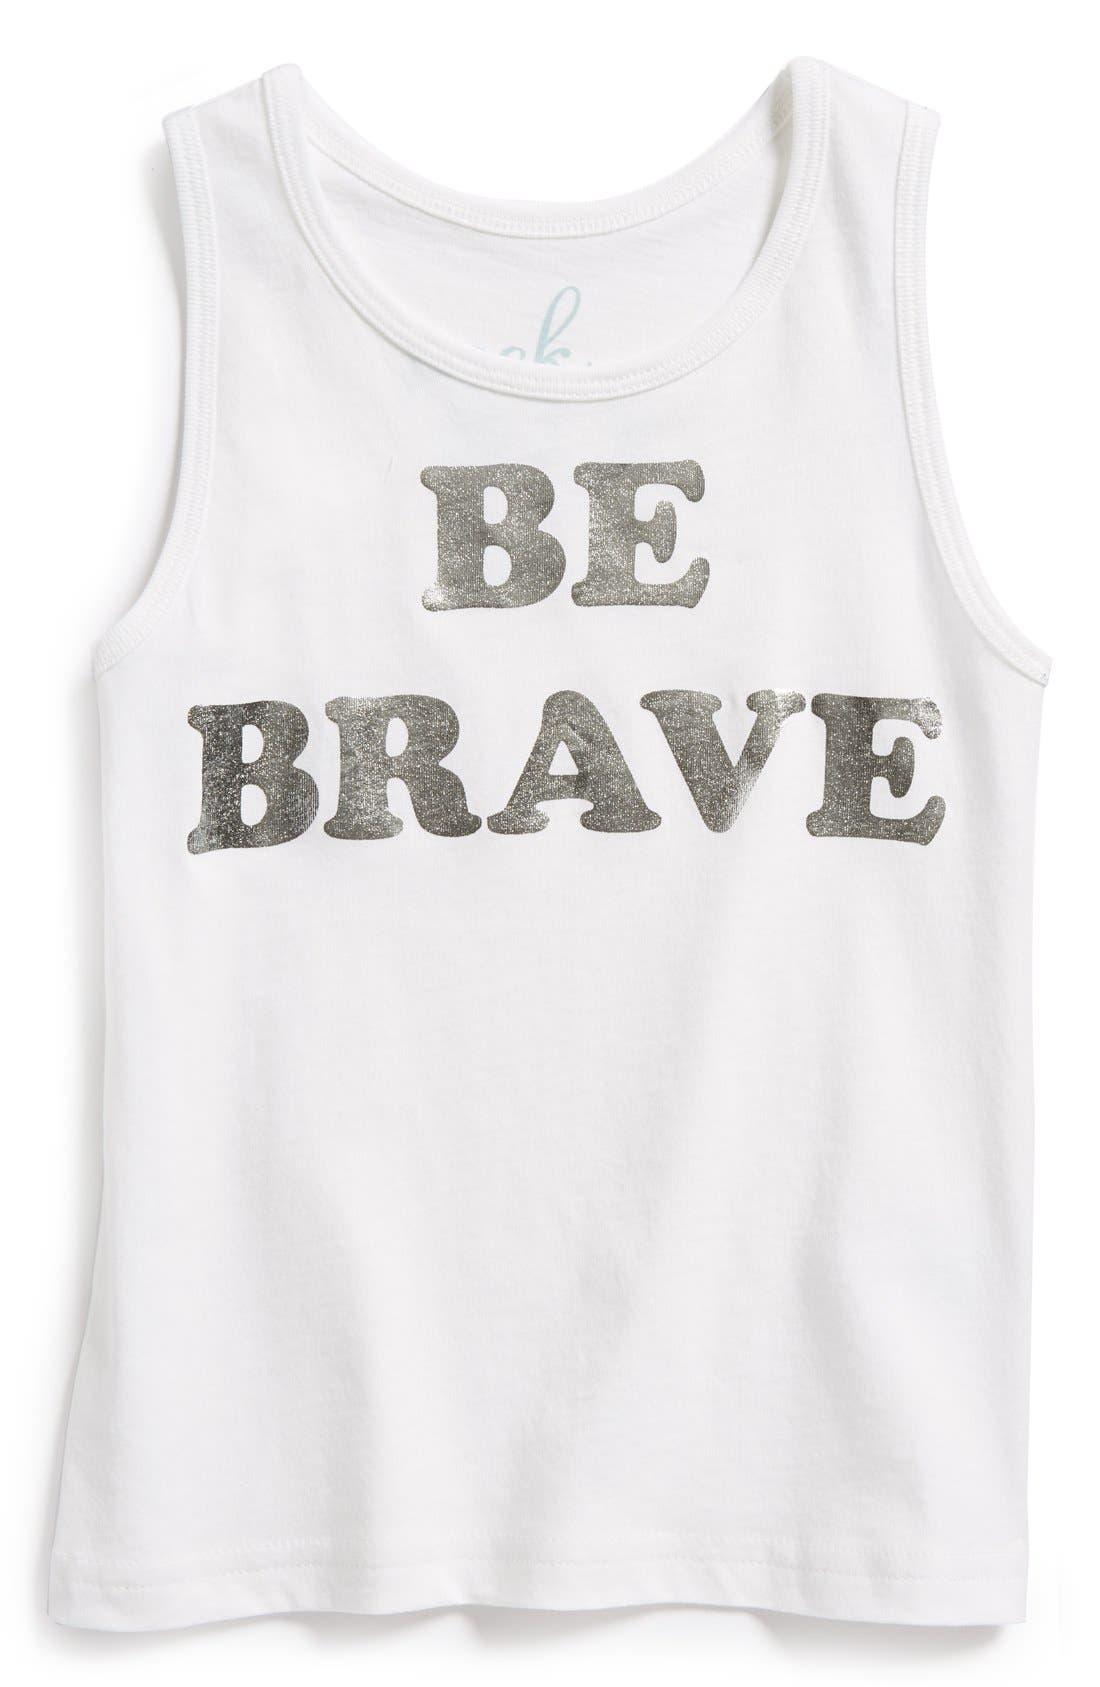 Main Image - Peek 'Be Brave' Cotton Tank (Baby Girls)